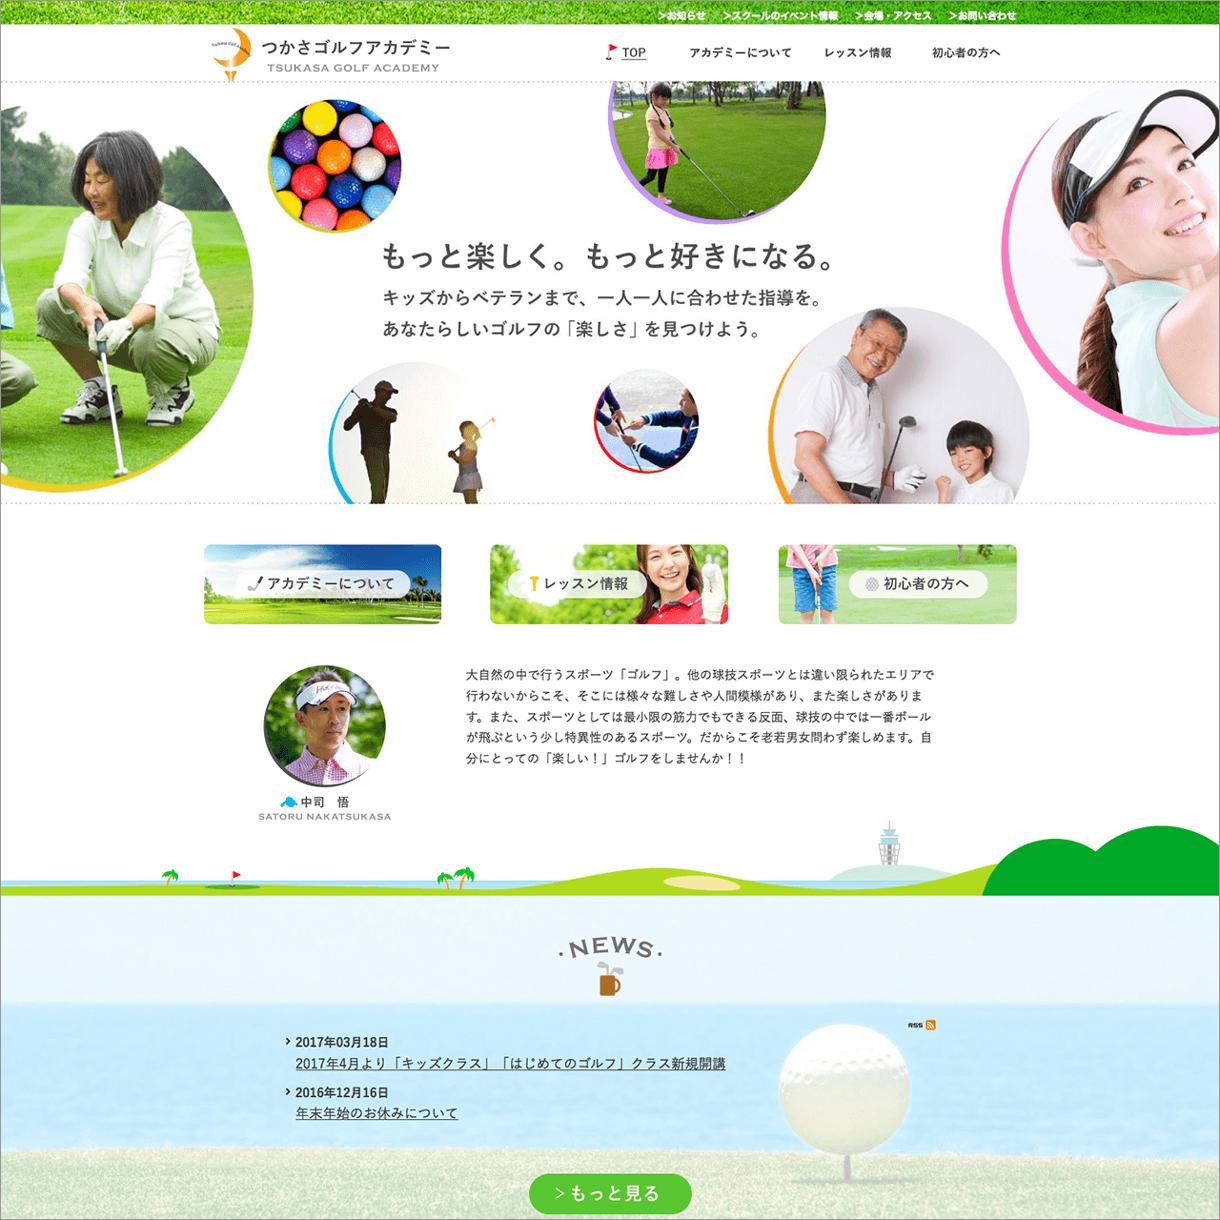 つかさゴルフアカデミー トップ画像